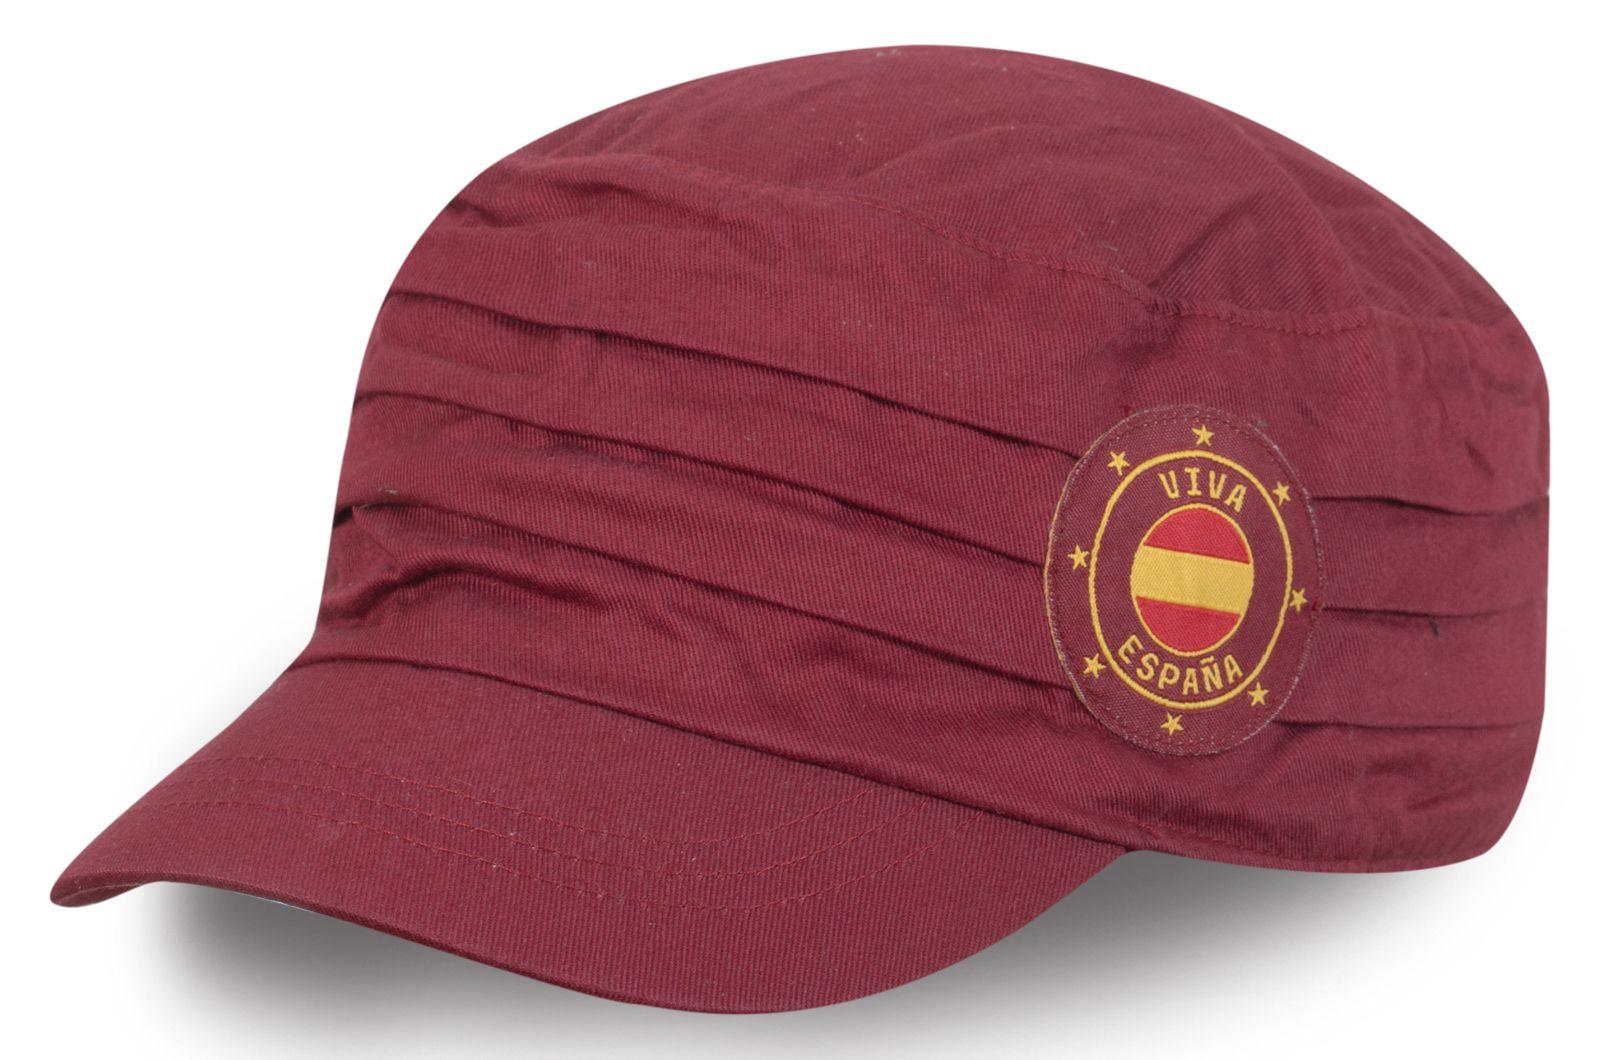 Кепка Viva Espana | Купить женские кепки с доставкой